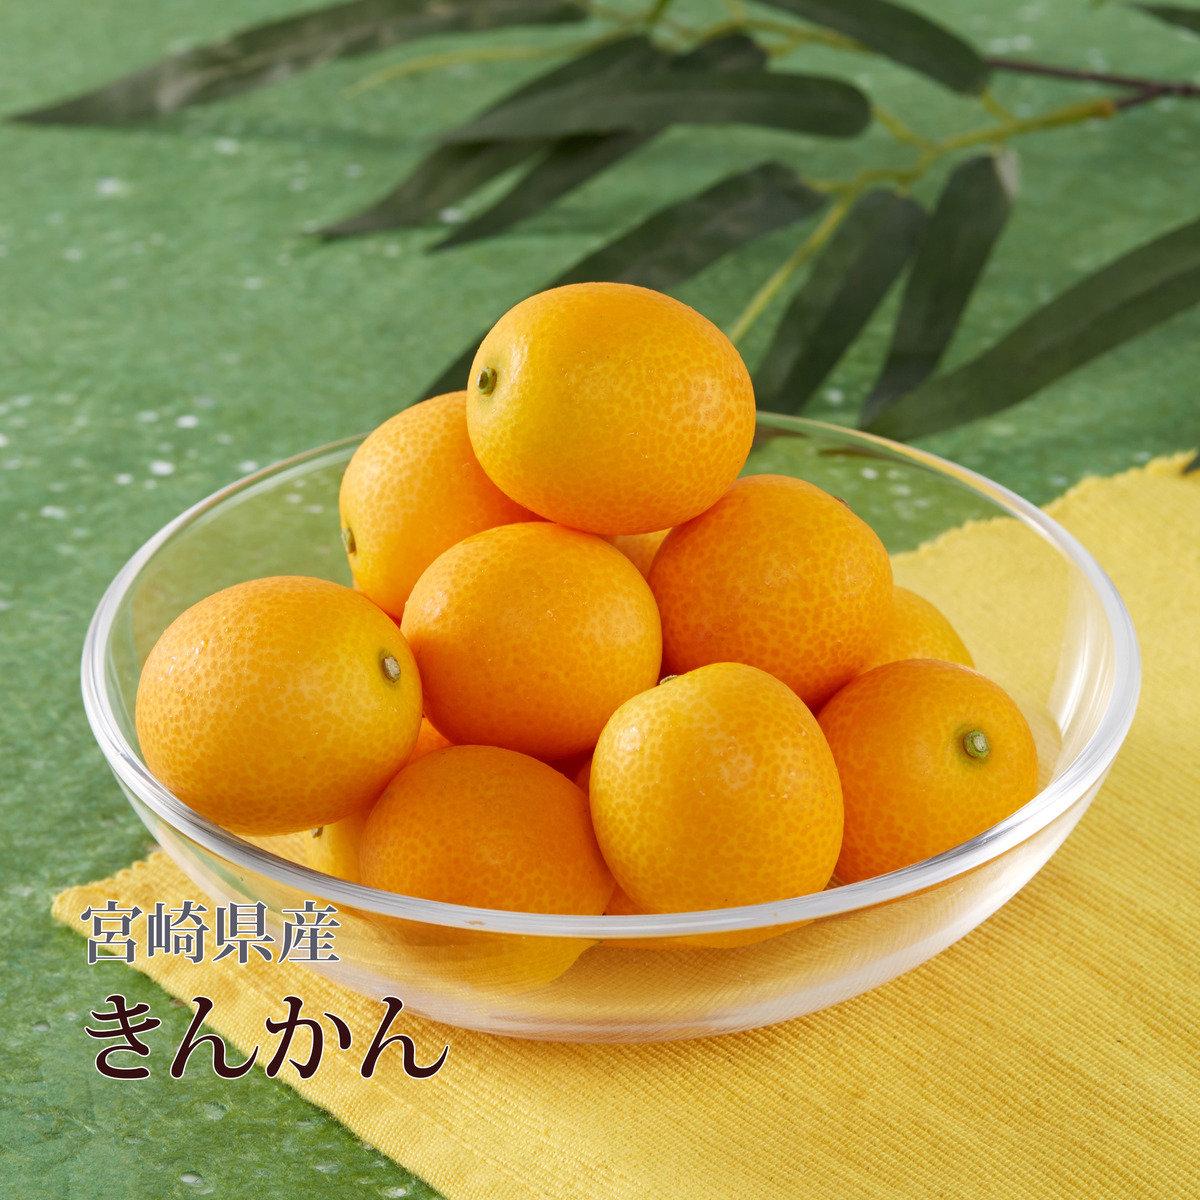 宮崎 柑桔 (約200-300克)